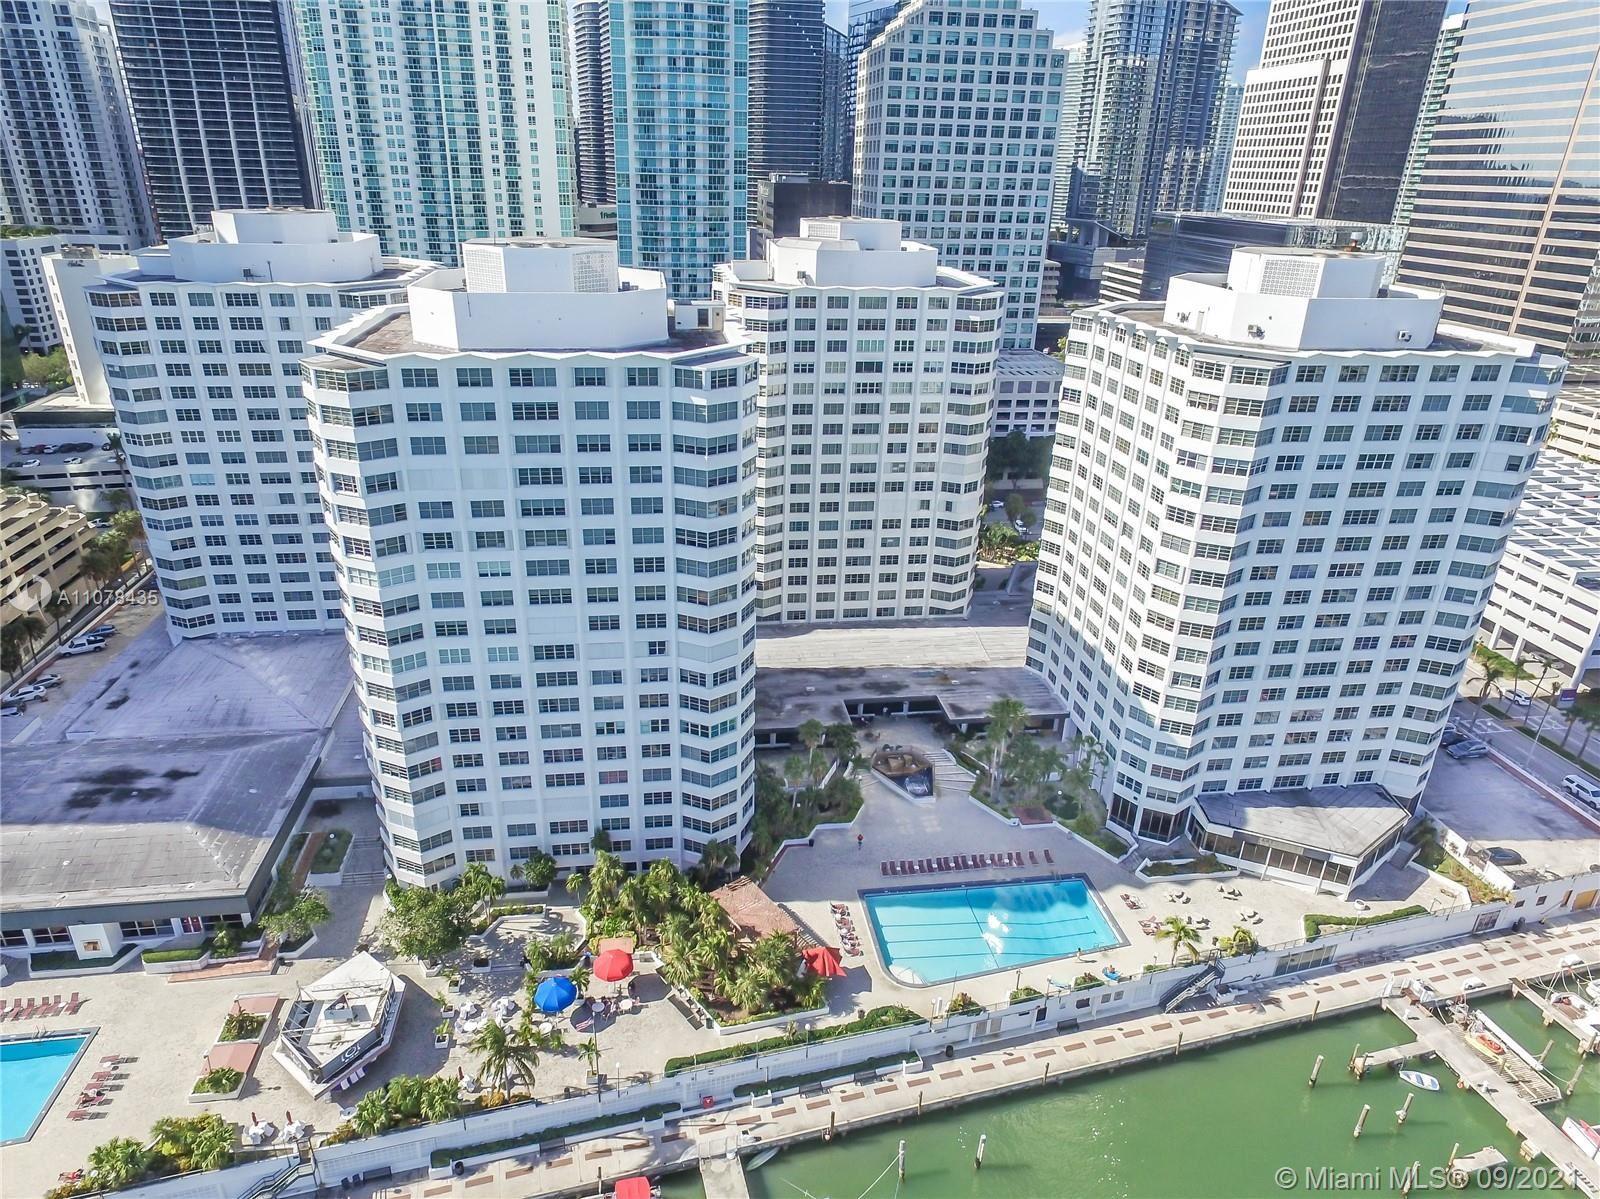 825 Brickell Bay Dr #546, Miami, FL 33131 - #: A11078435